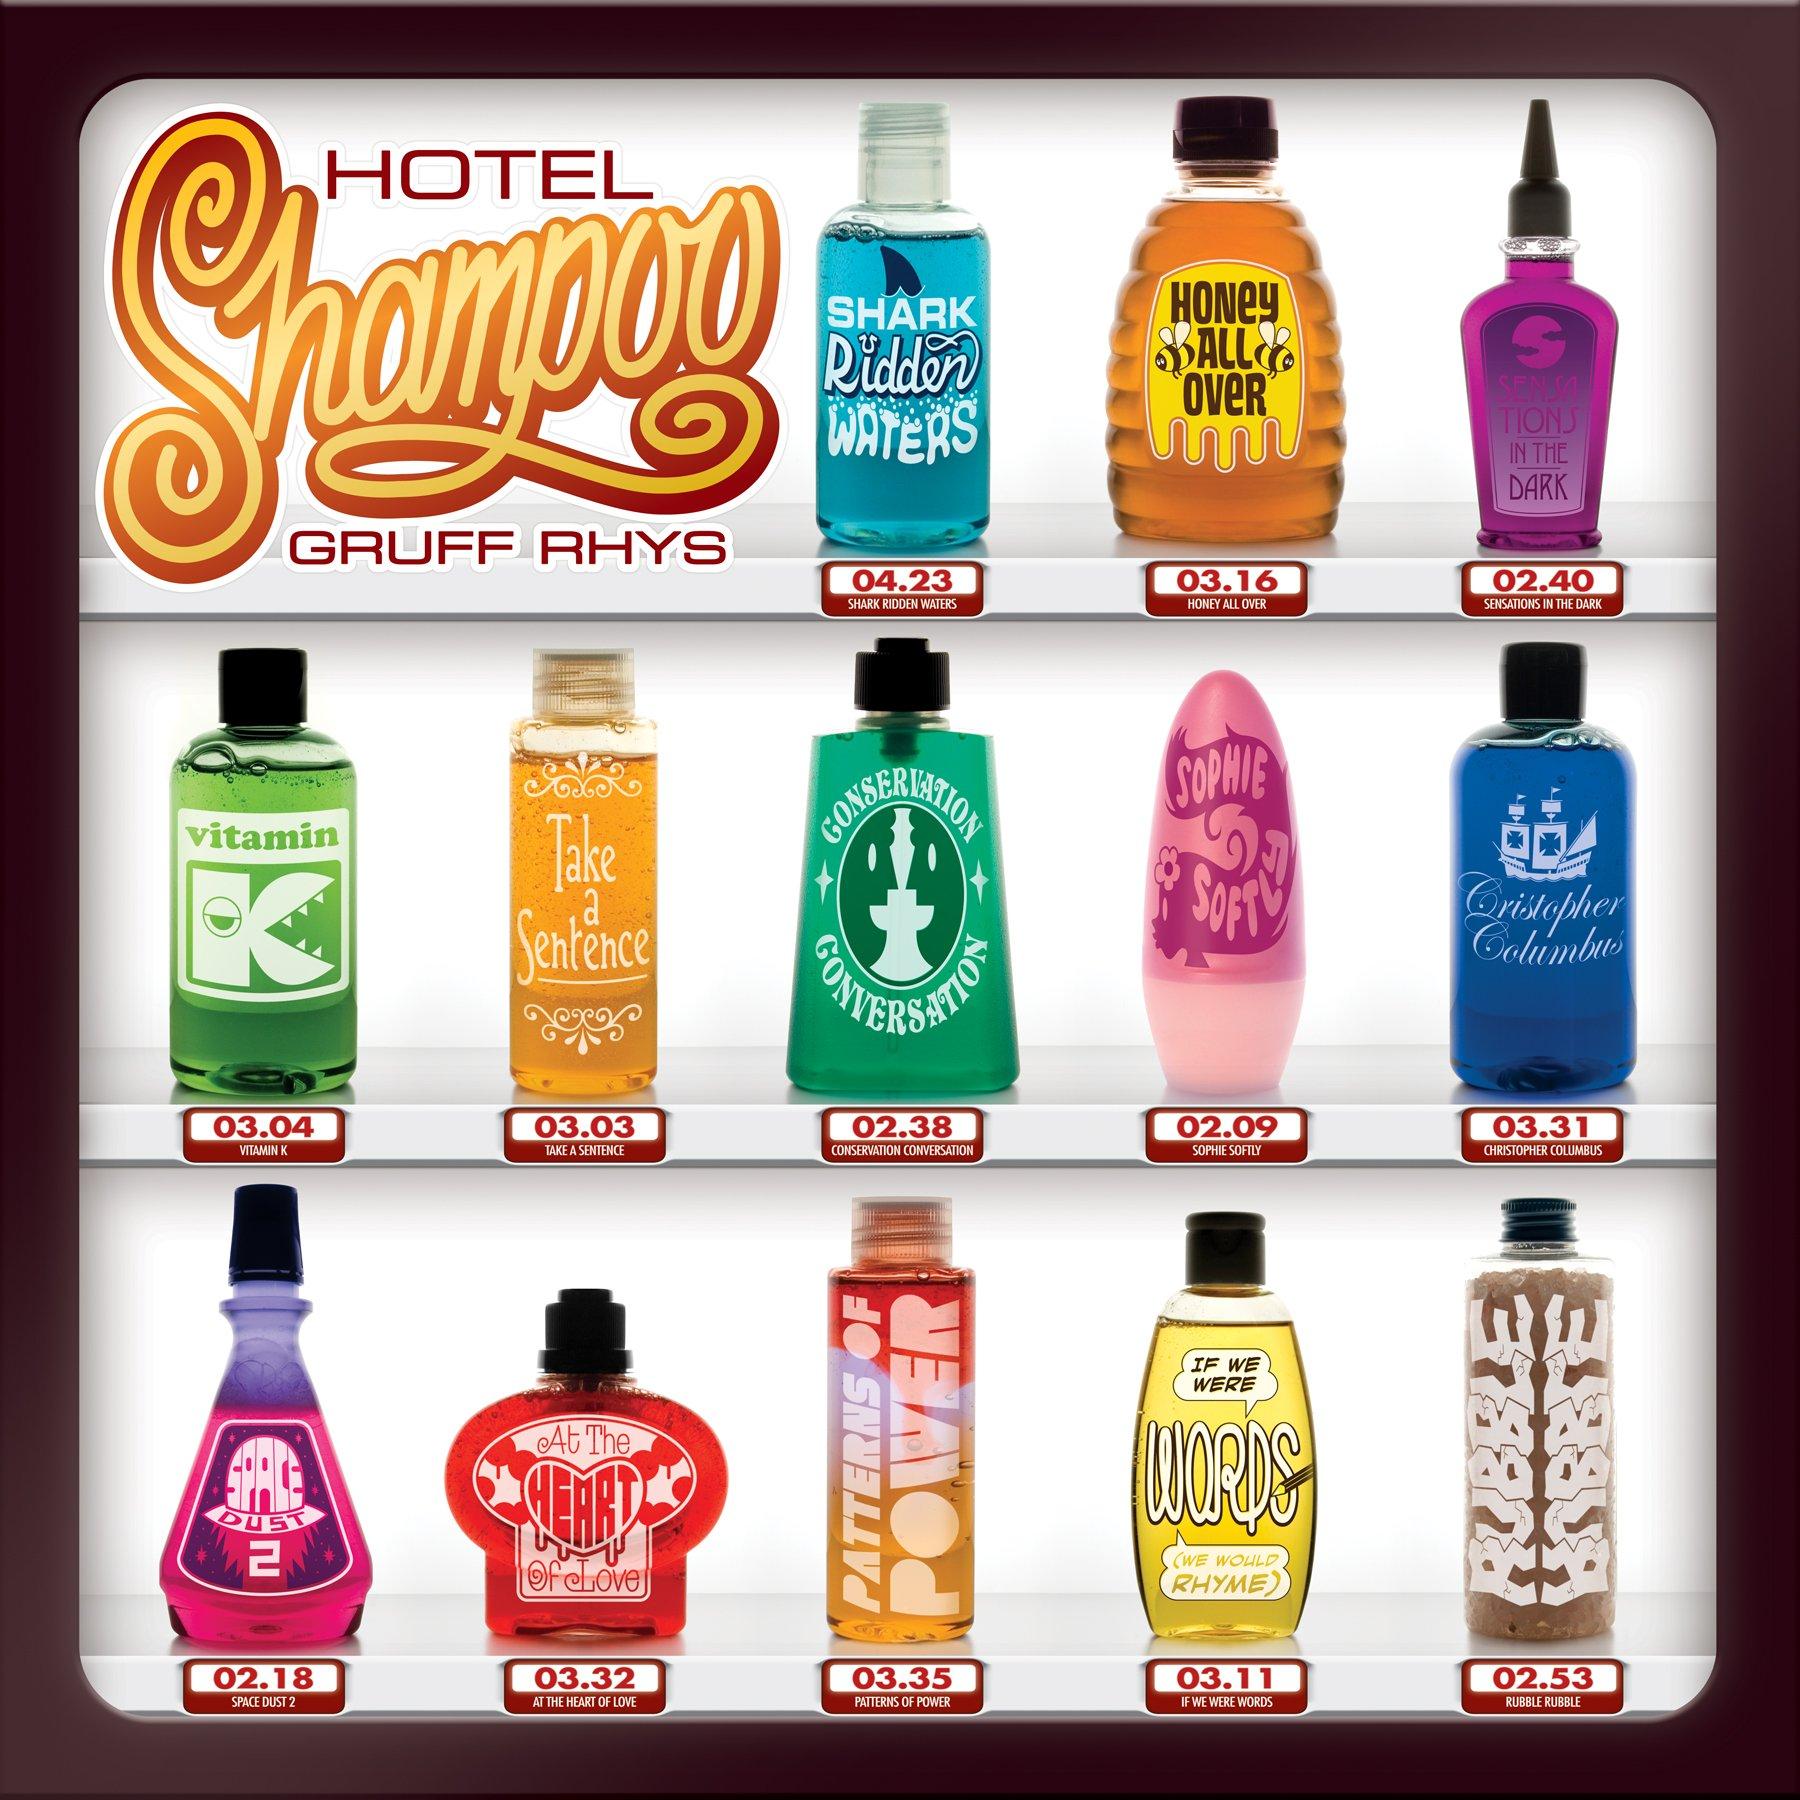 Gruff Rhys, Hotel Shampoo